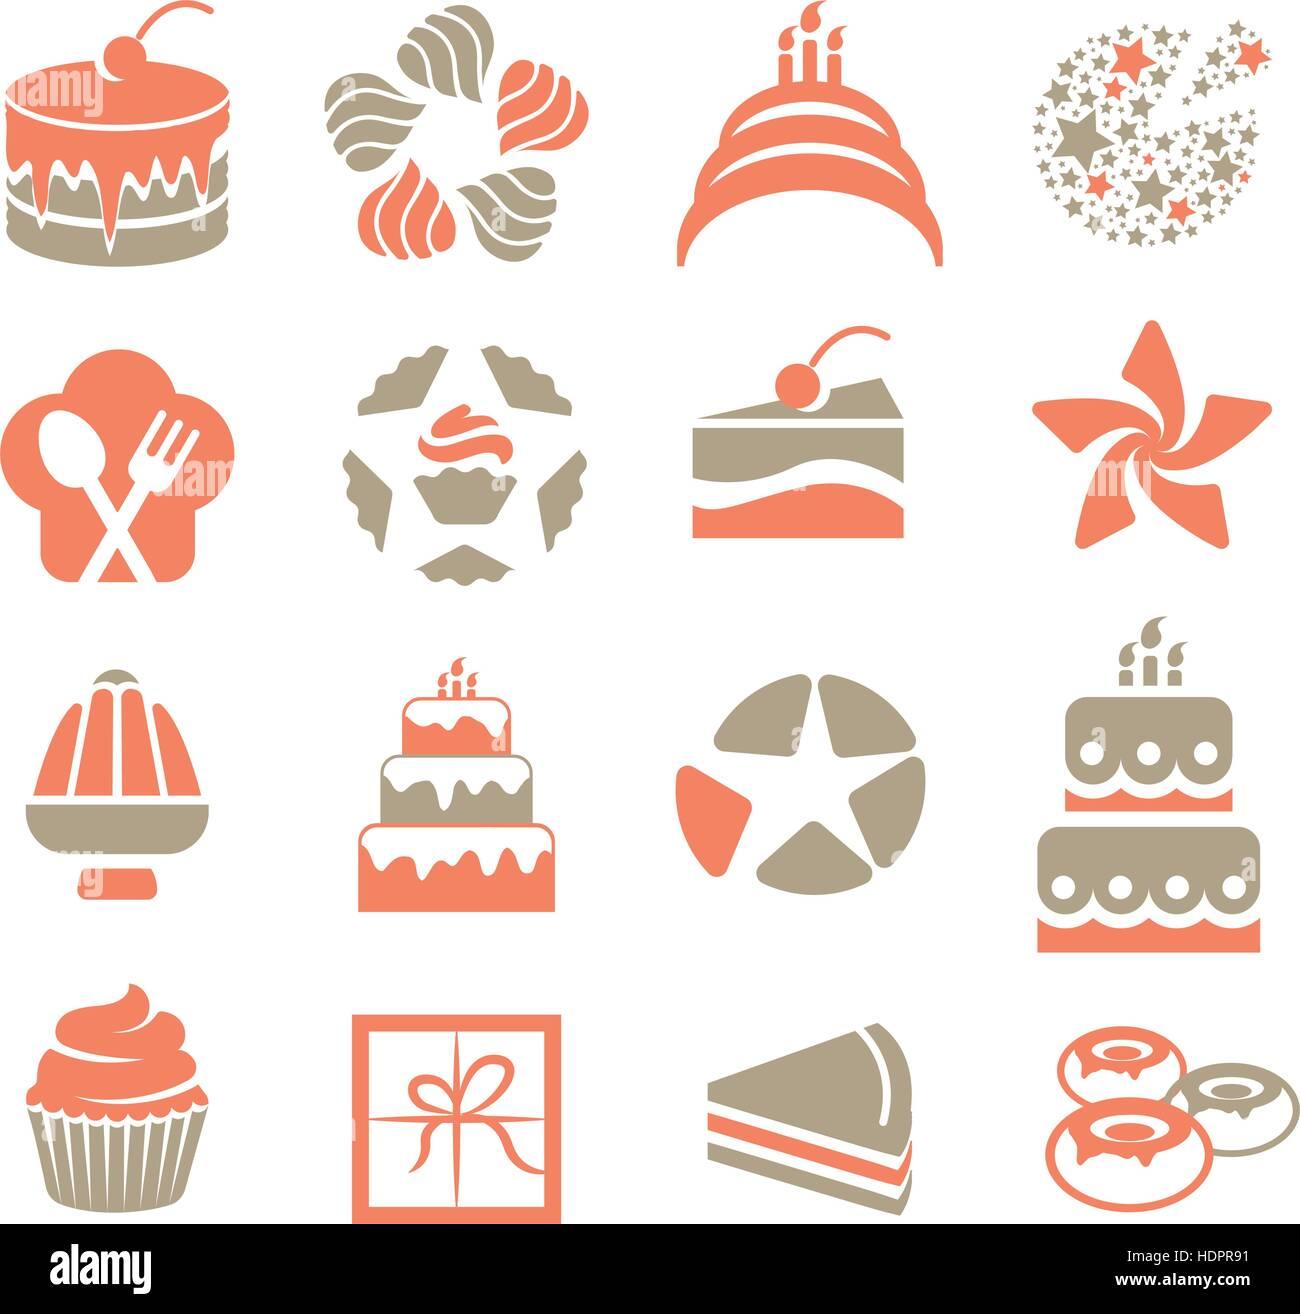 Kuchen Logo Im Vintage Stil Festgelegt. Rosa Und Grauen Farbe Desserts  Logos. Stück Torte Symbol Auf Weißem Hintergrund. Leckeres Gebäck Zeichen  Sammlung.